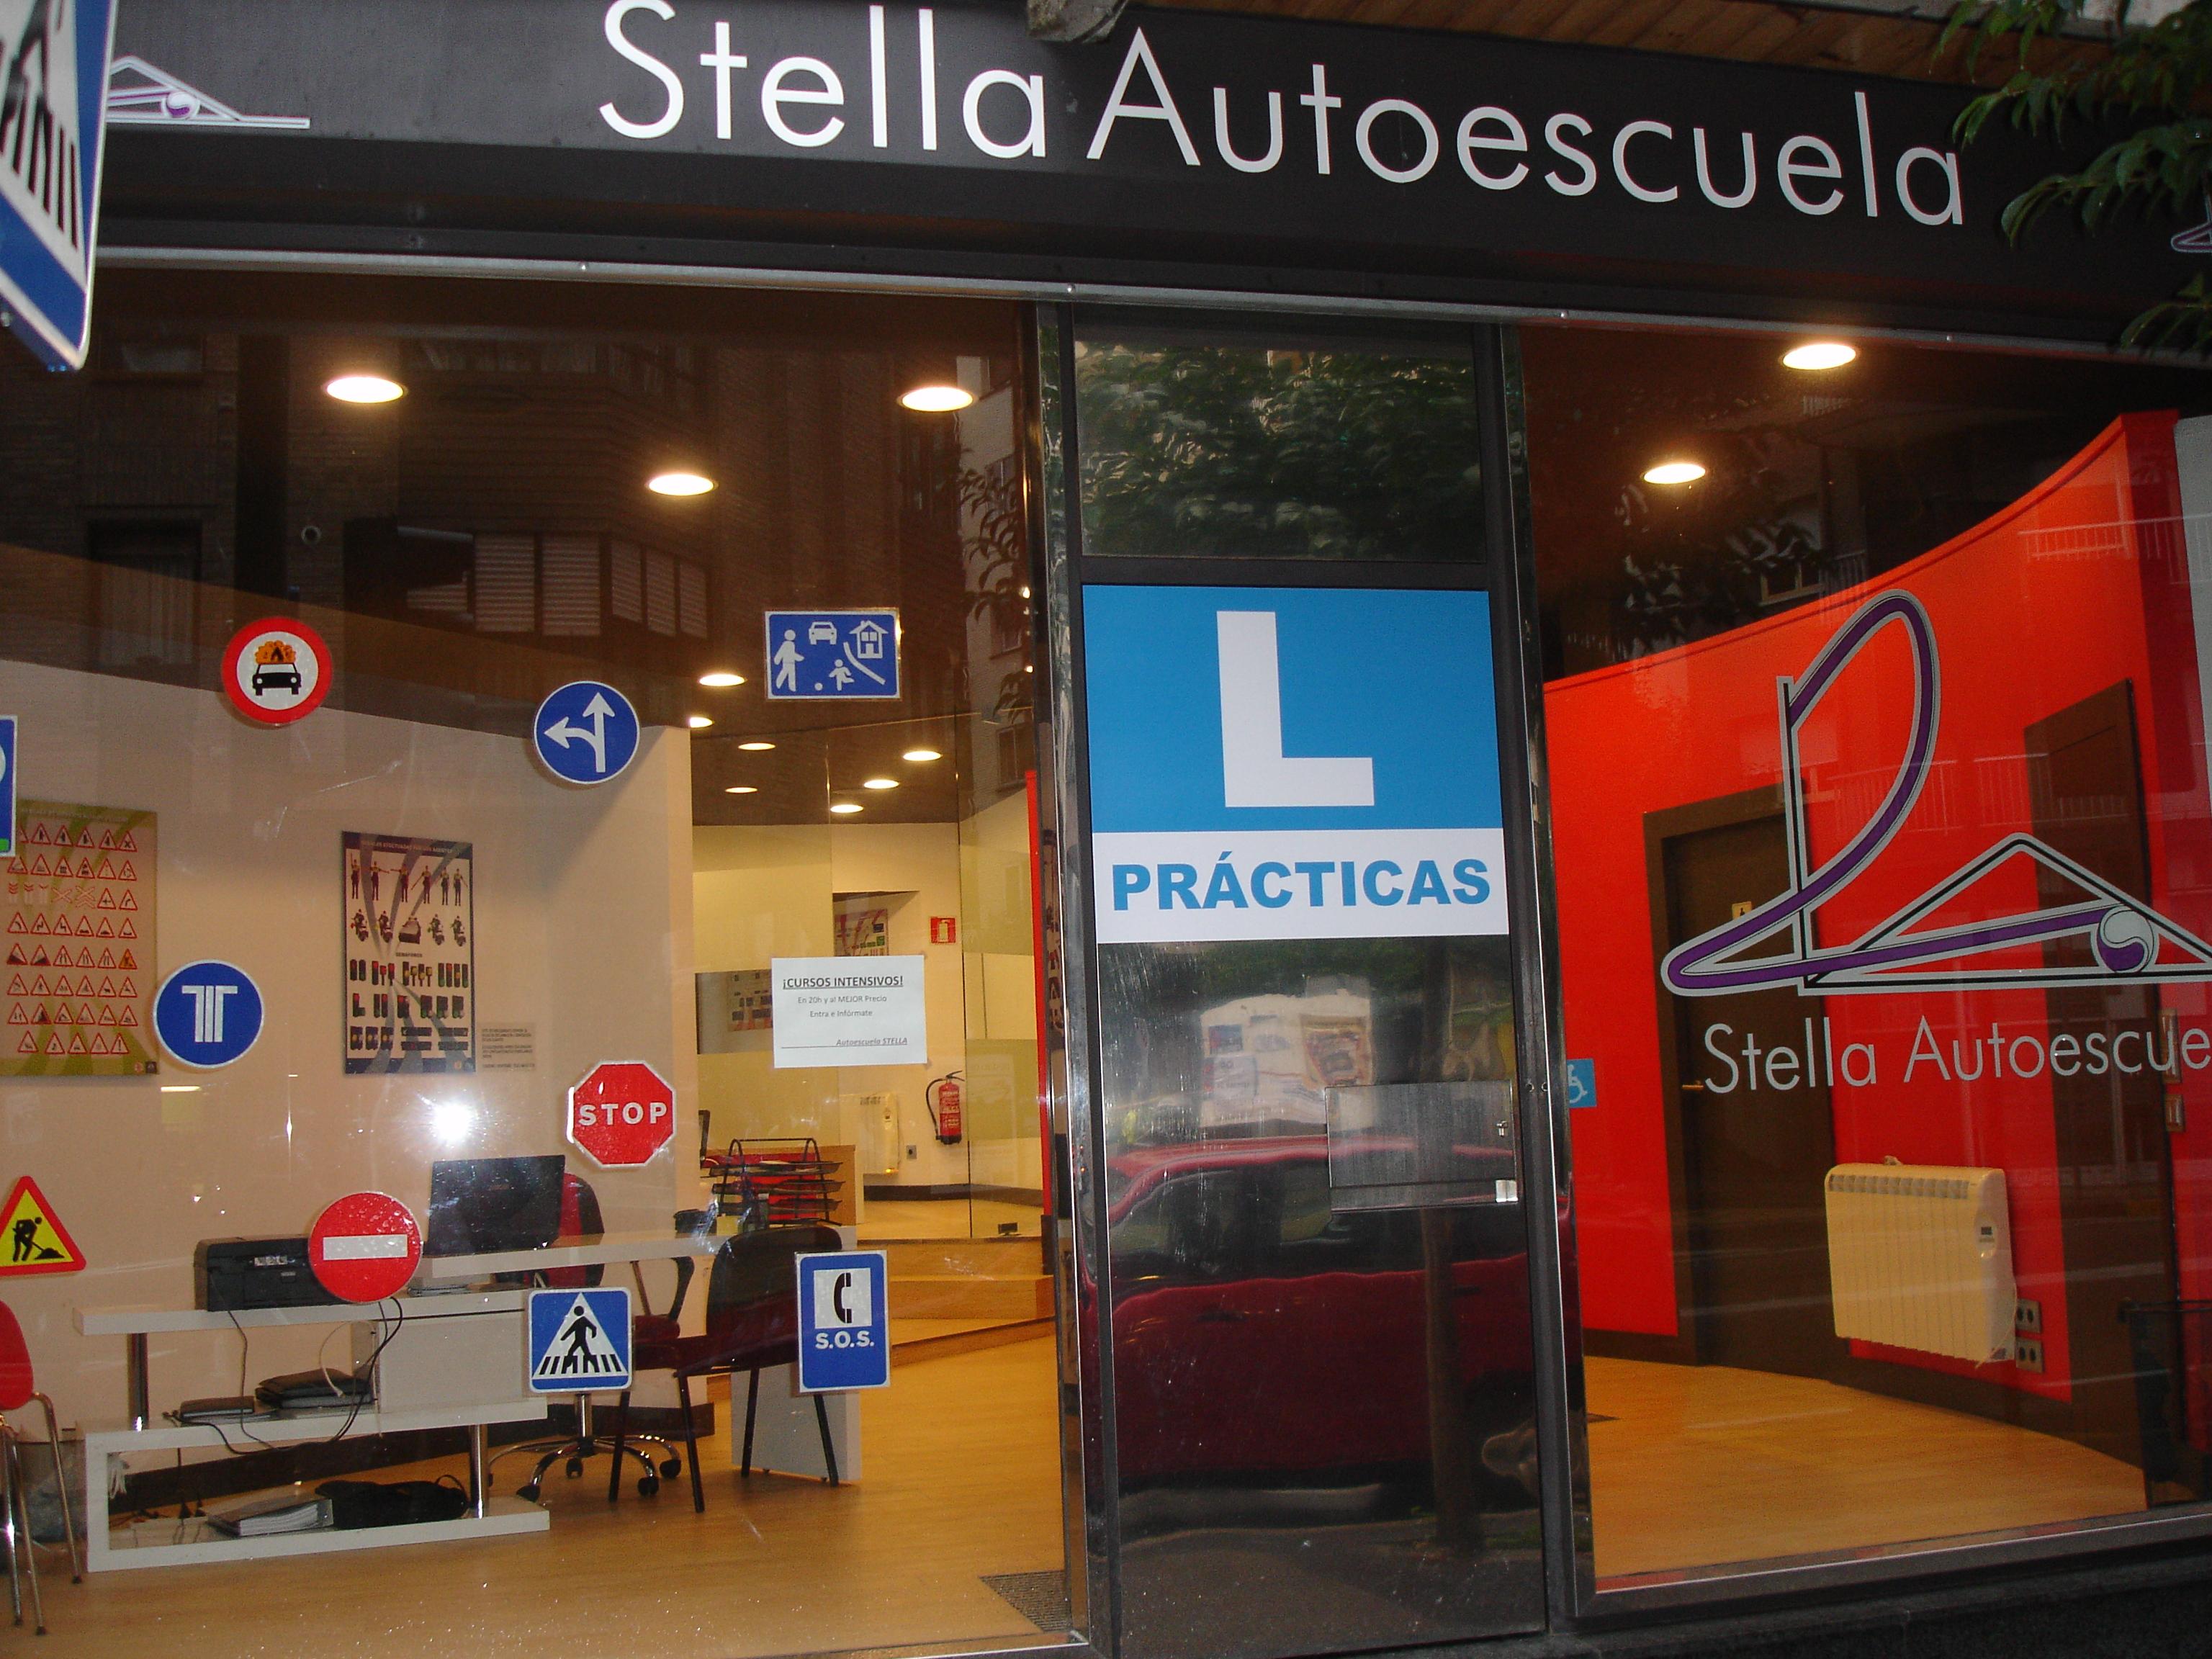 Autoescuela Stella